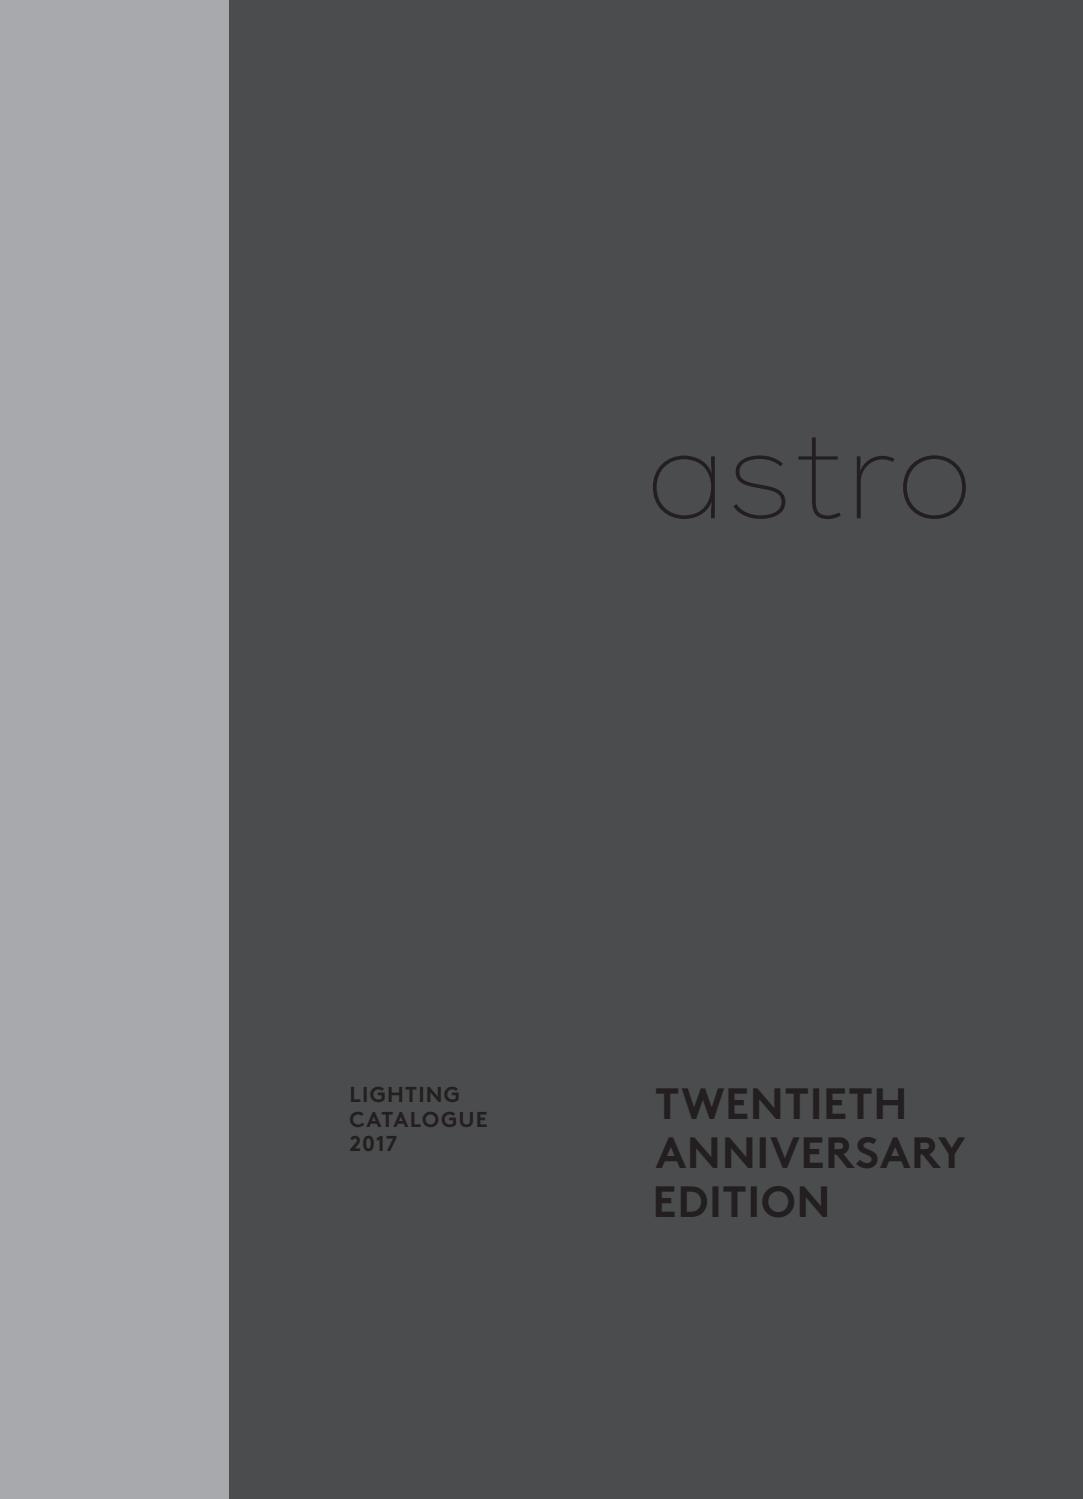 Astro Tapered drum 90 abat-jour noir